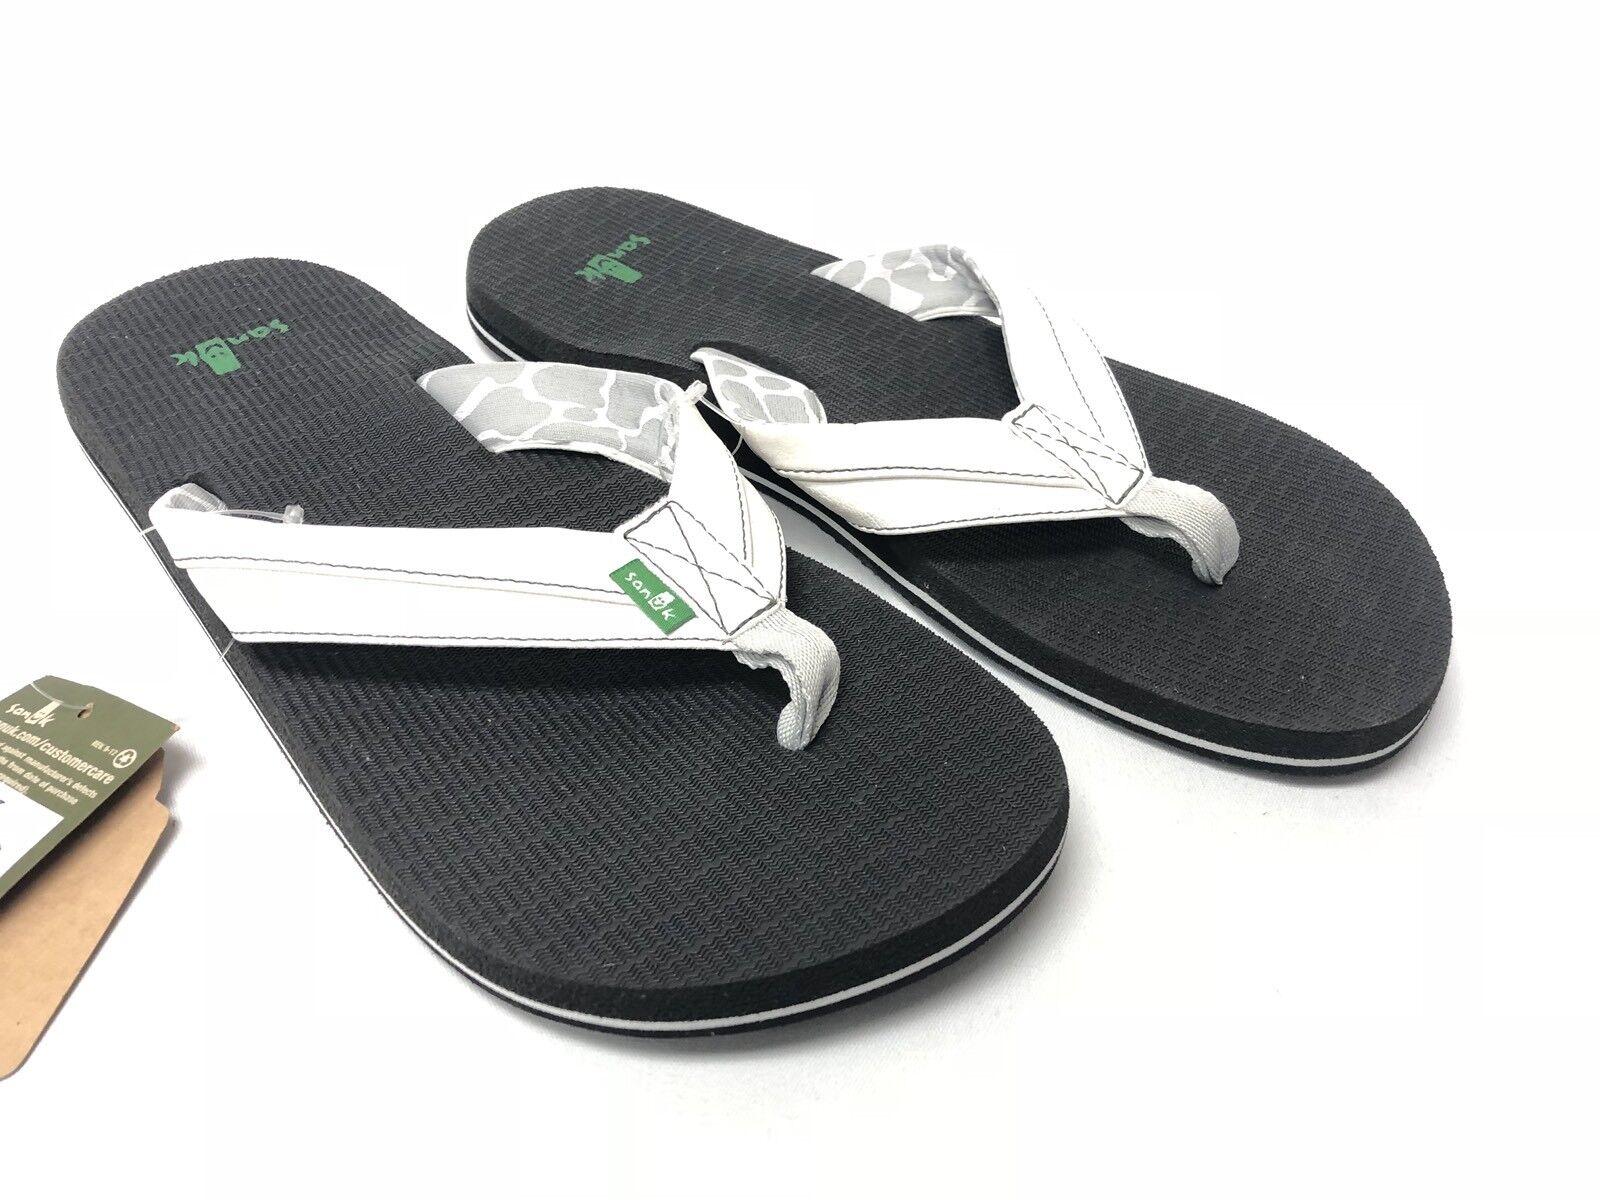 30e421afb186 Sanuk Sanuk Sanuk Beer Cozy Men s Flip-Flops Thong Sandals Shoes White  SMS10412 SLIP ON NEW ca5454